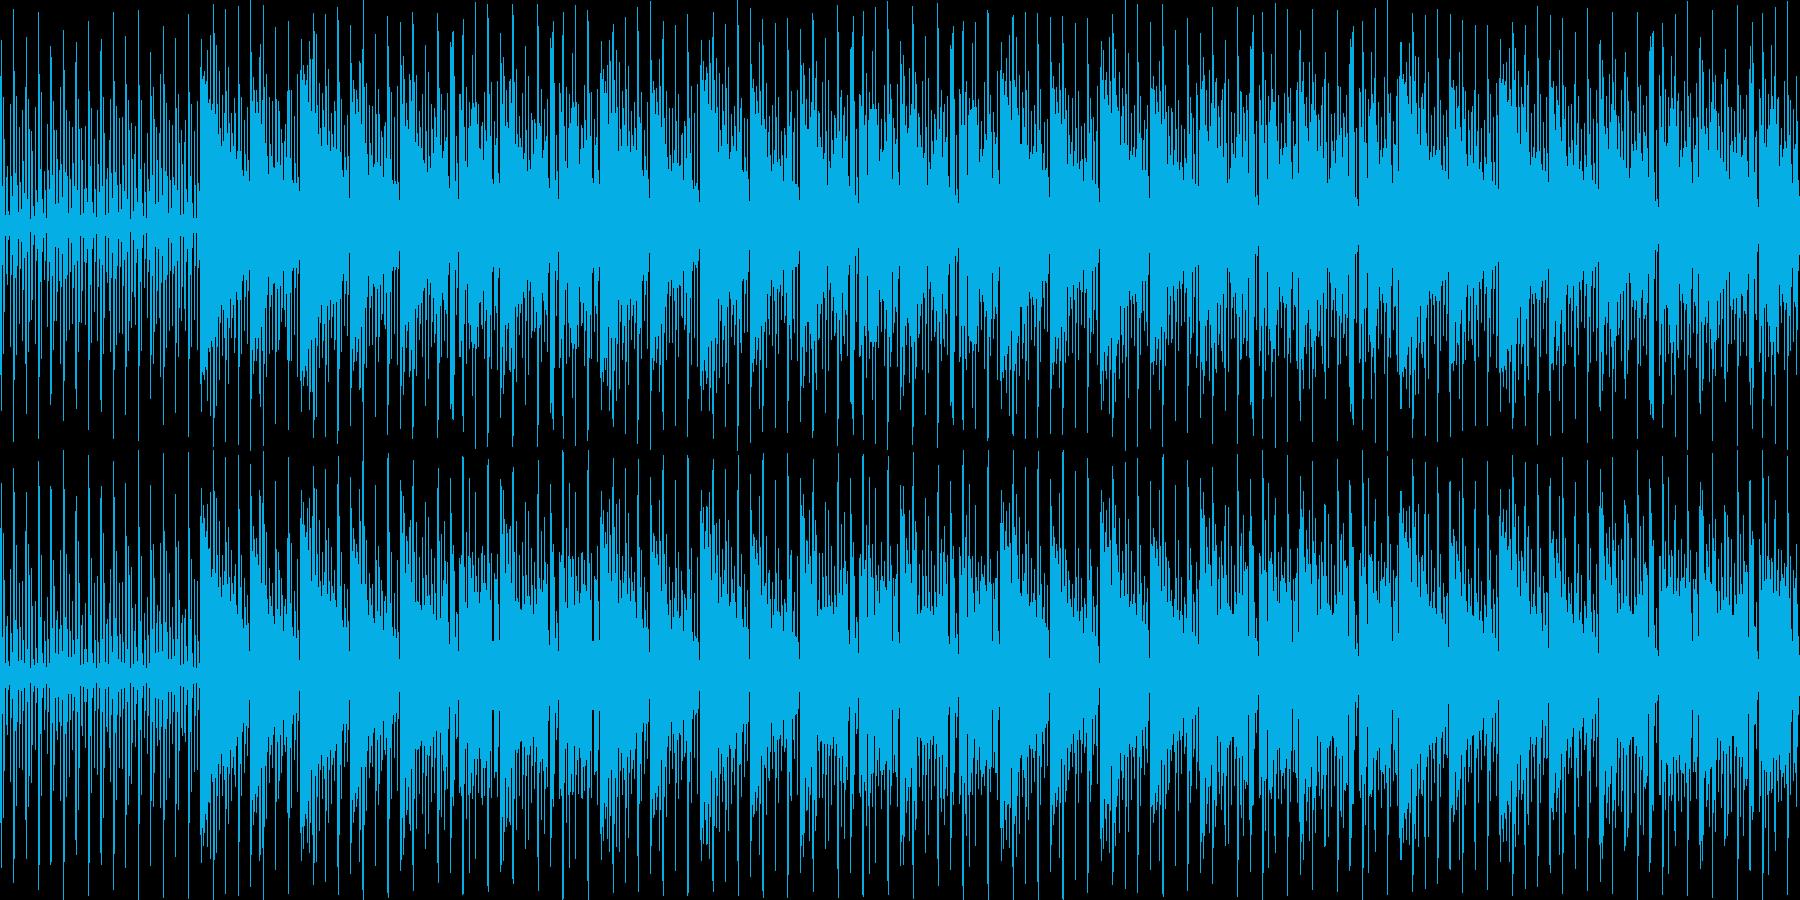 【オシャレなエレクトロピアノJAZZ】の再生済みの波形